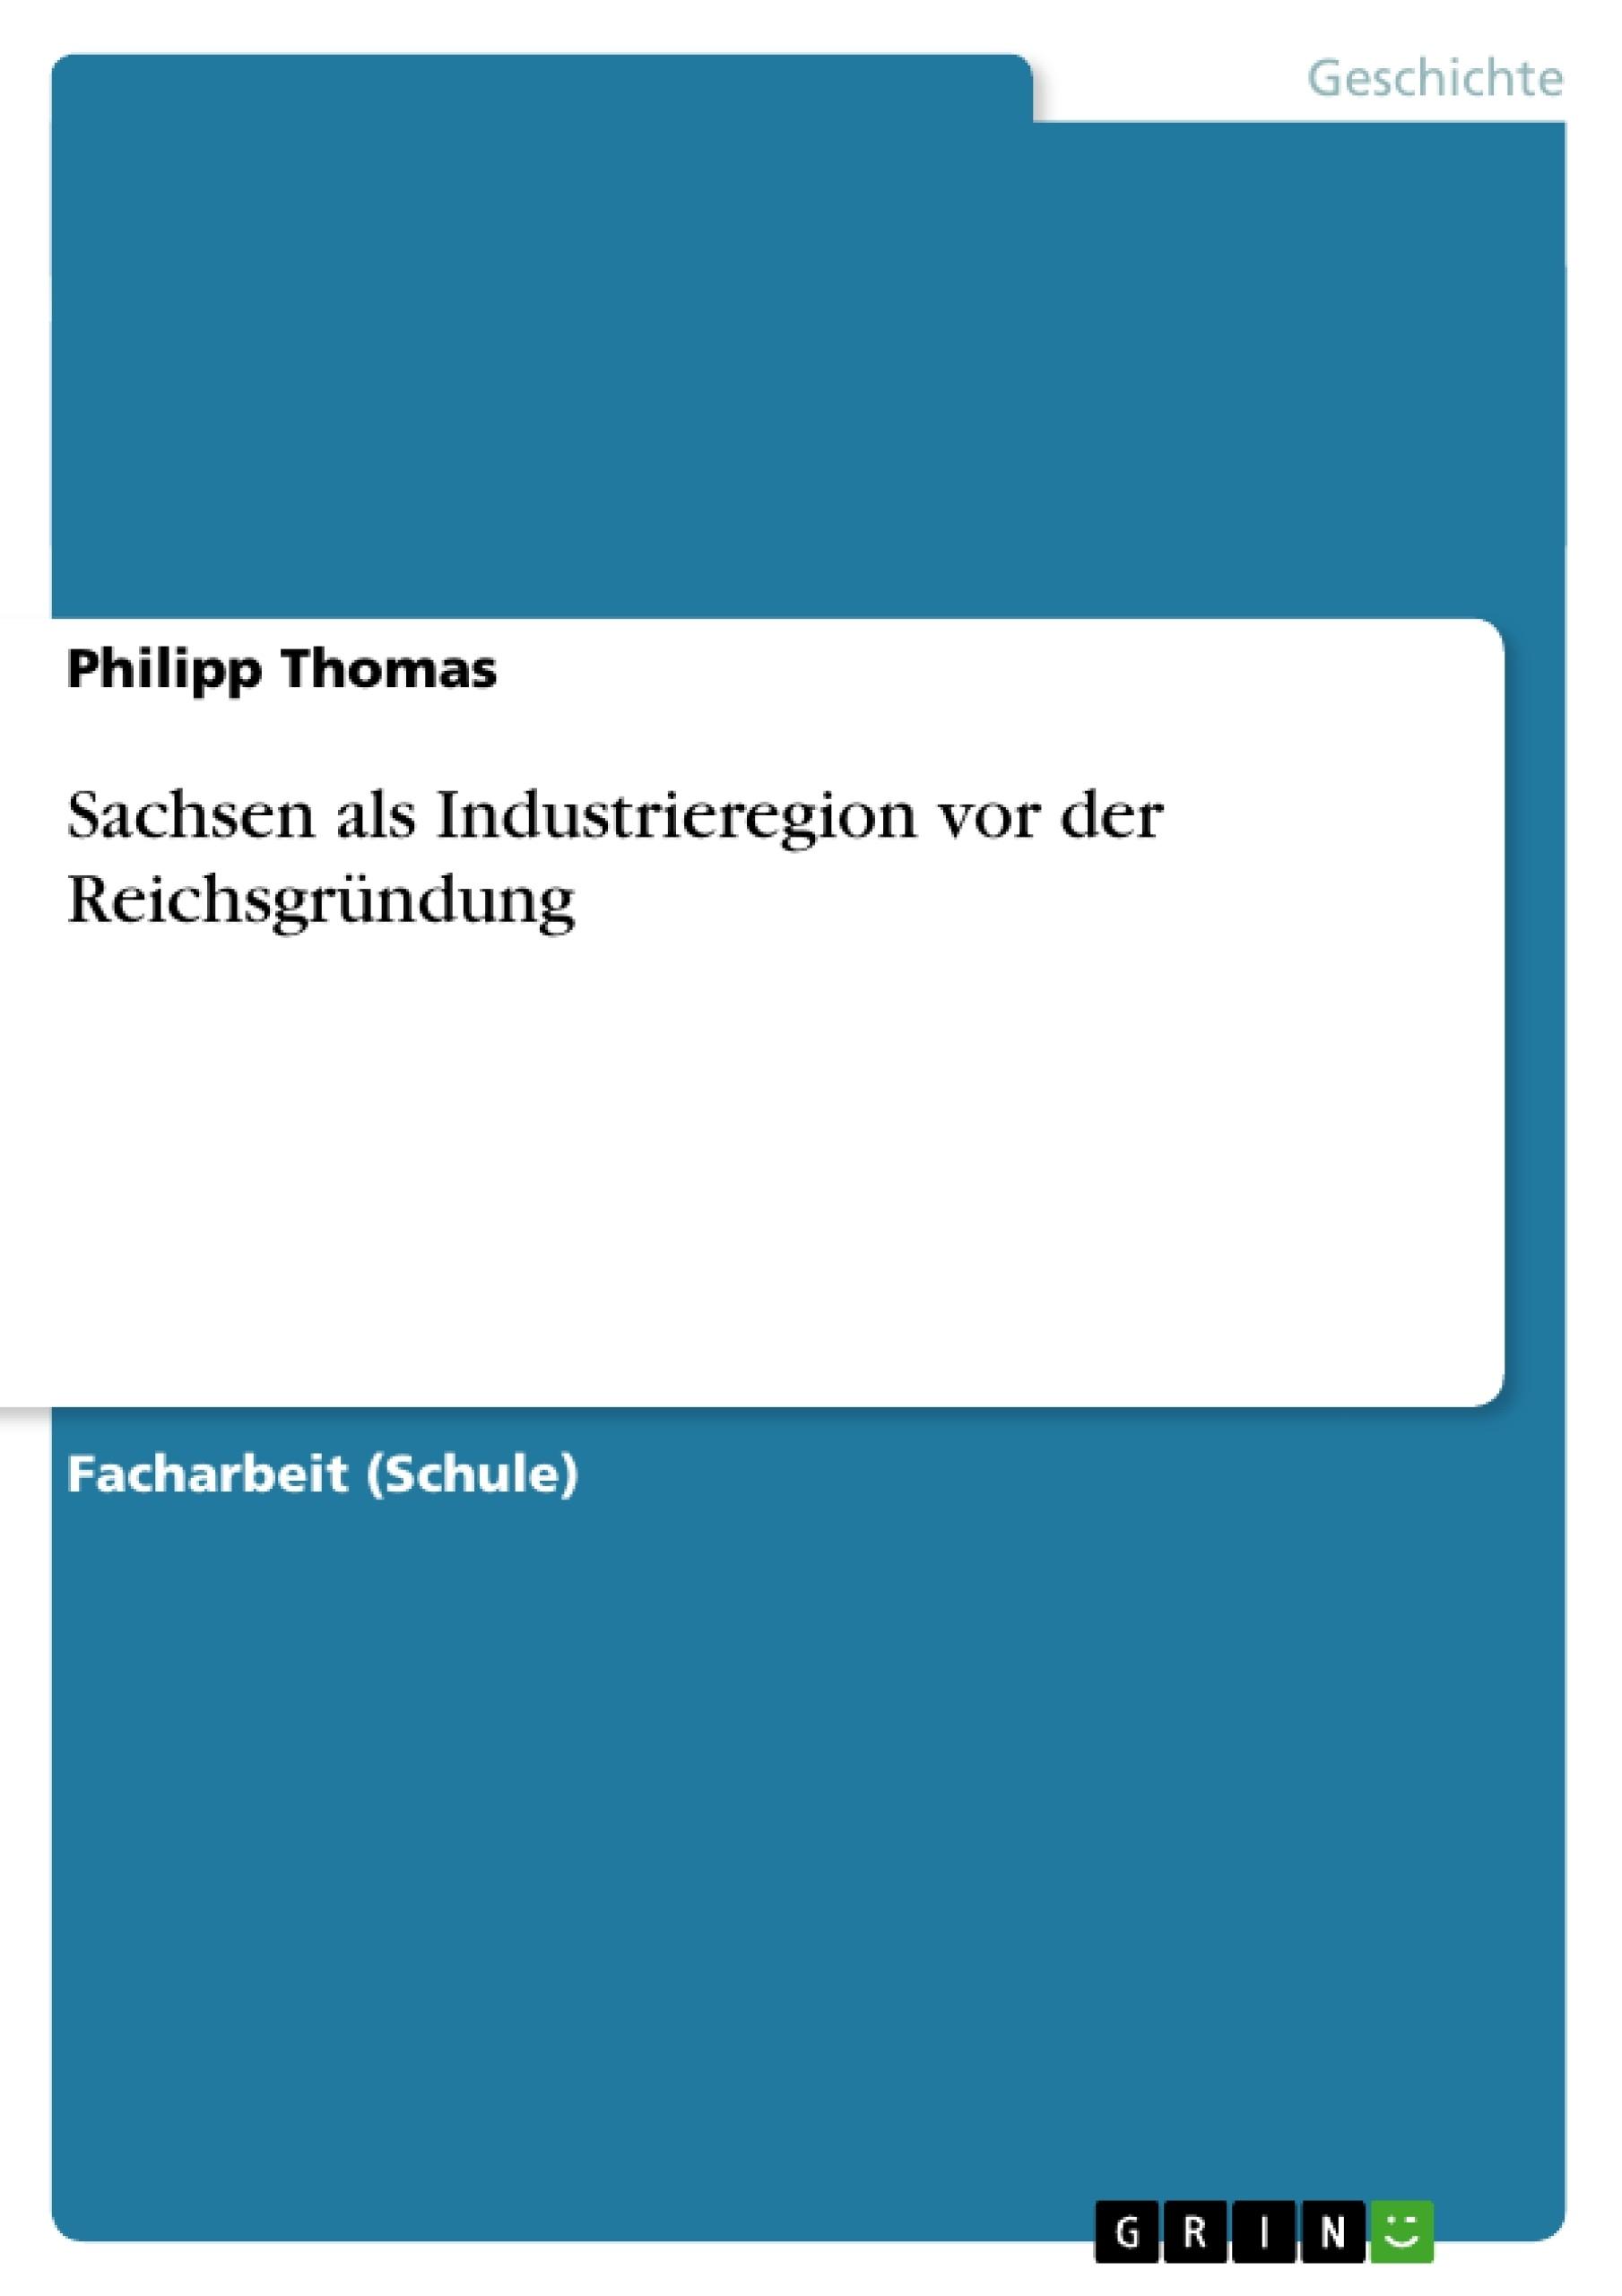 Titel: Sachsen als Industrieregion vor der Reichsgründung